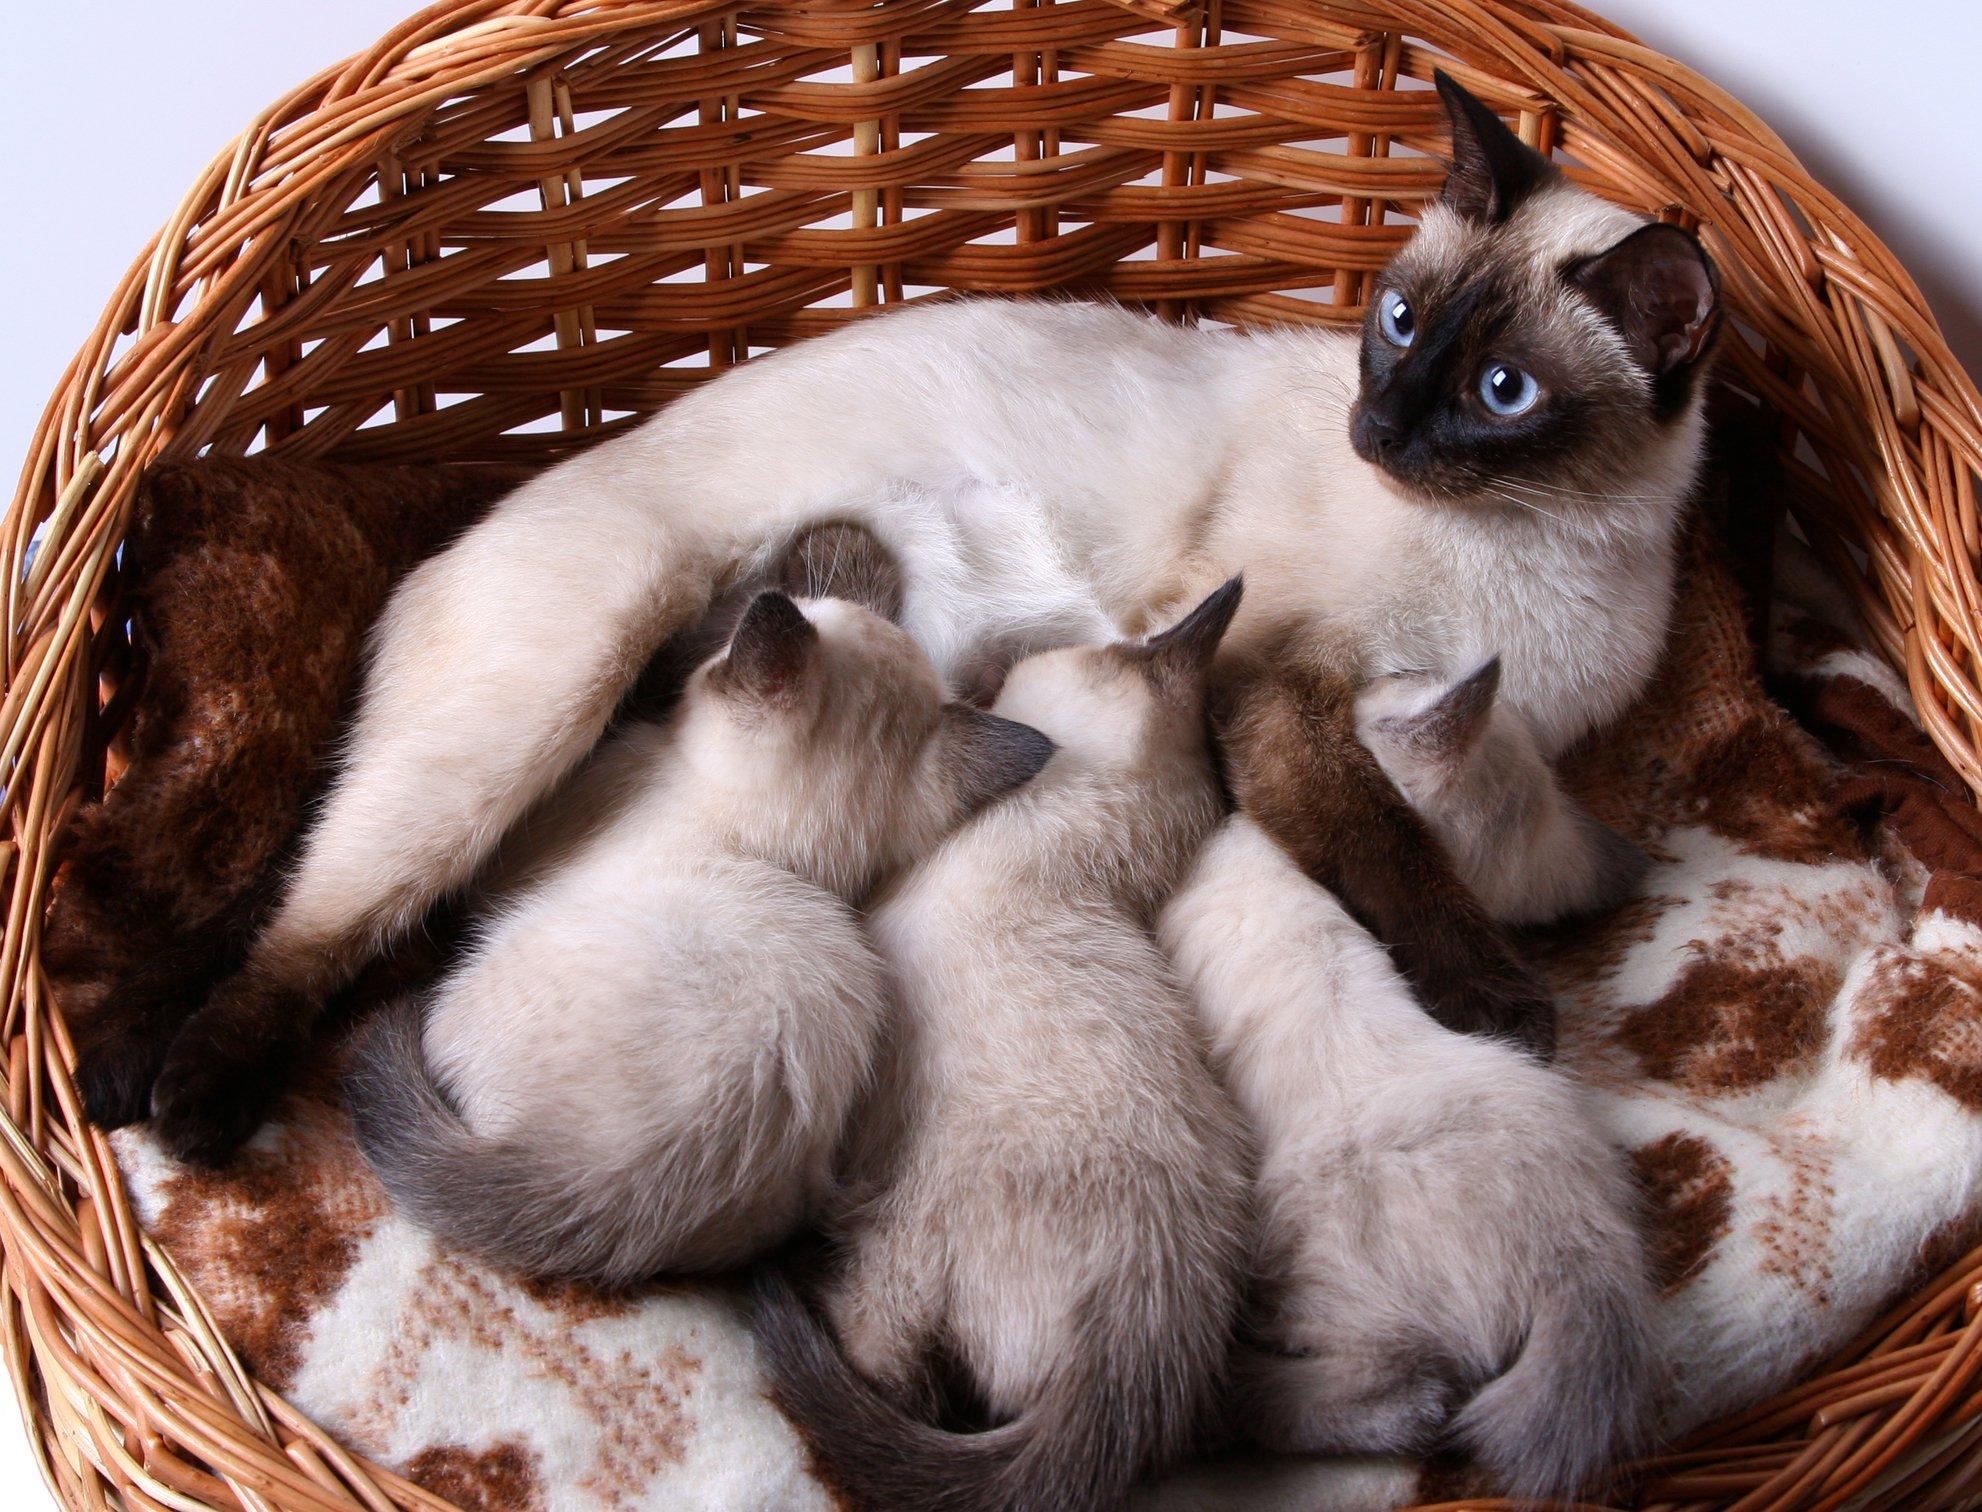 purebreed kittens